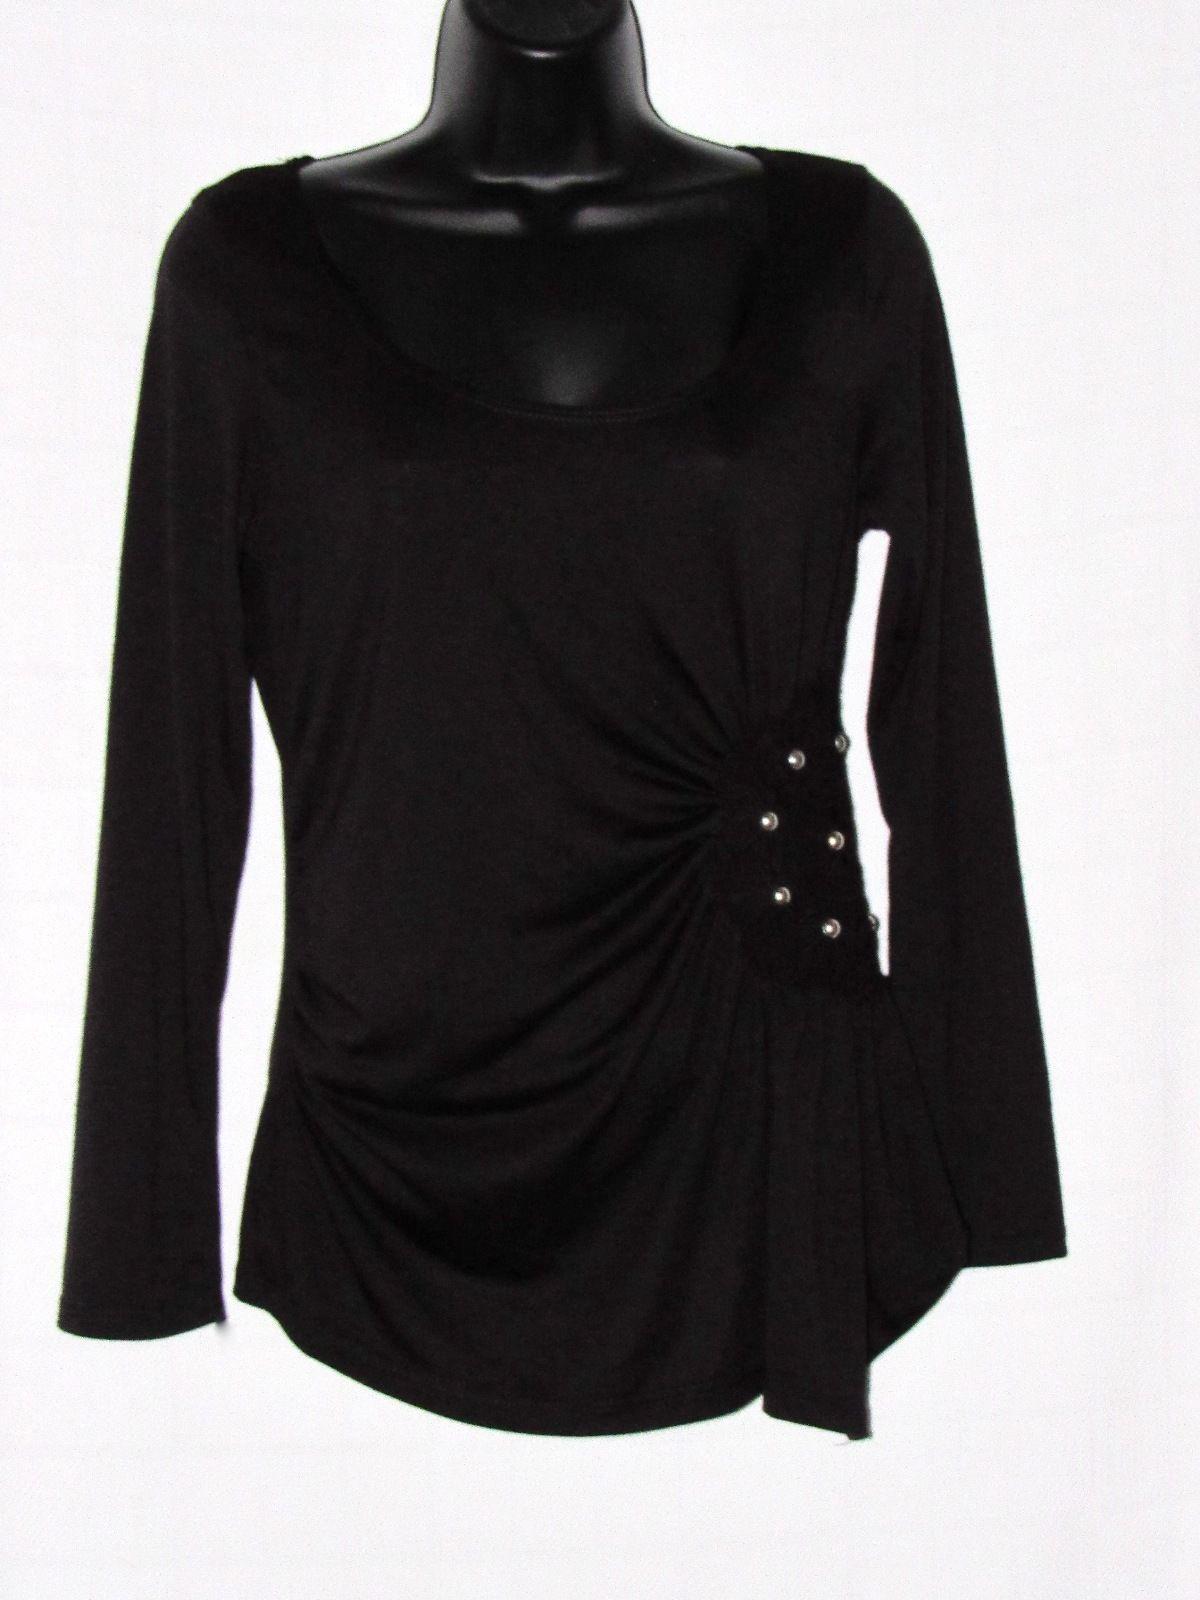 Nolita Sky Black Long Sleeve Floral Crochet Stud Embellished Knit Top - L